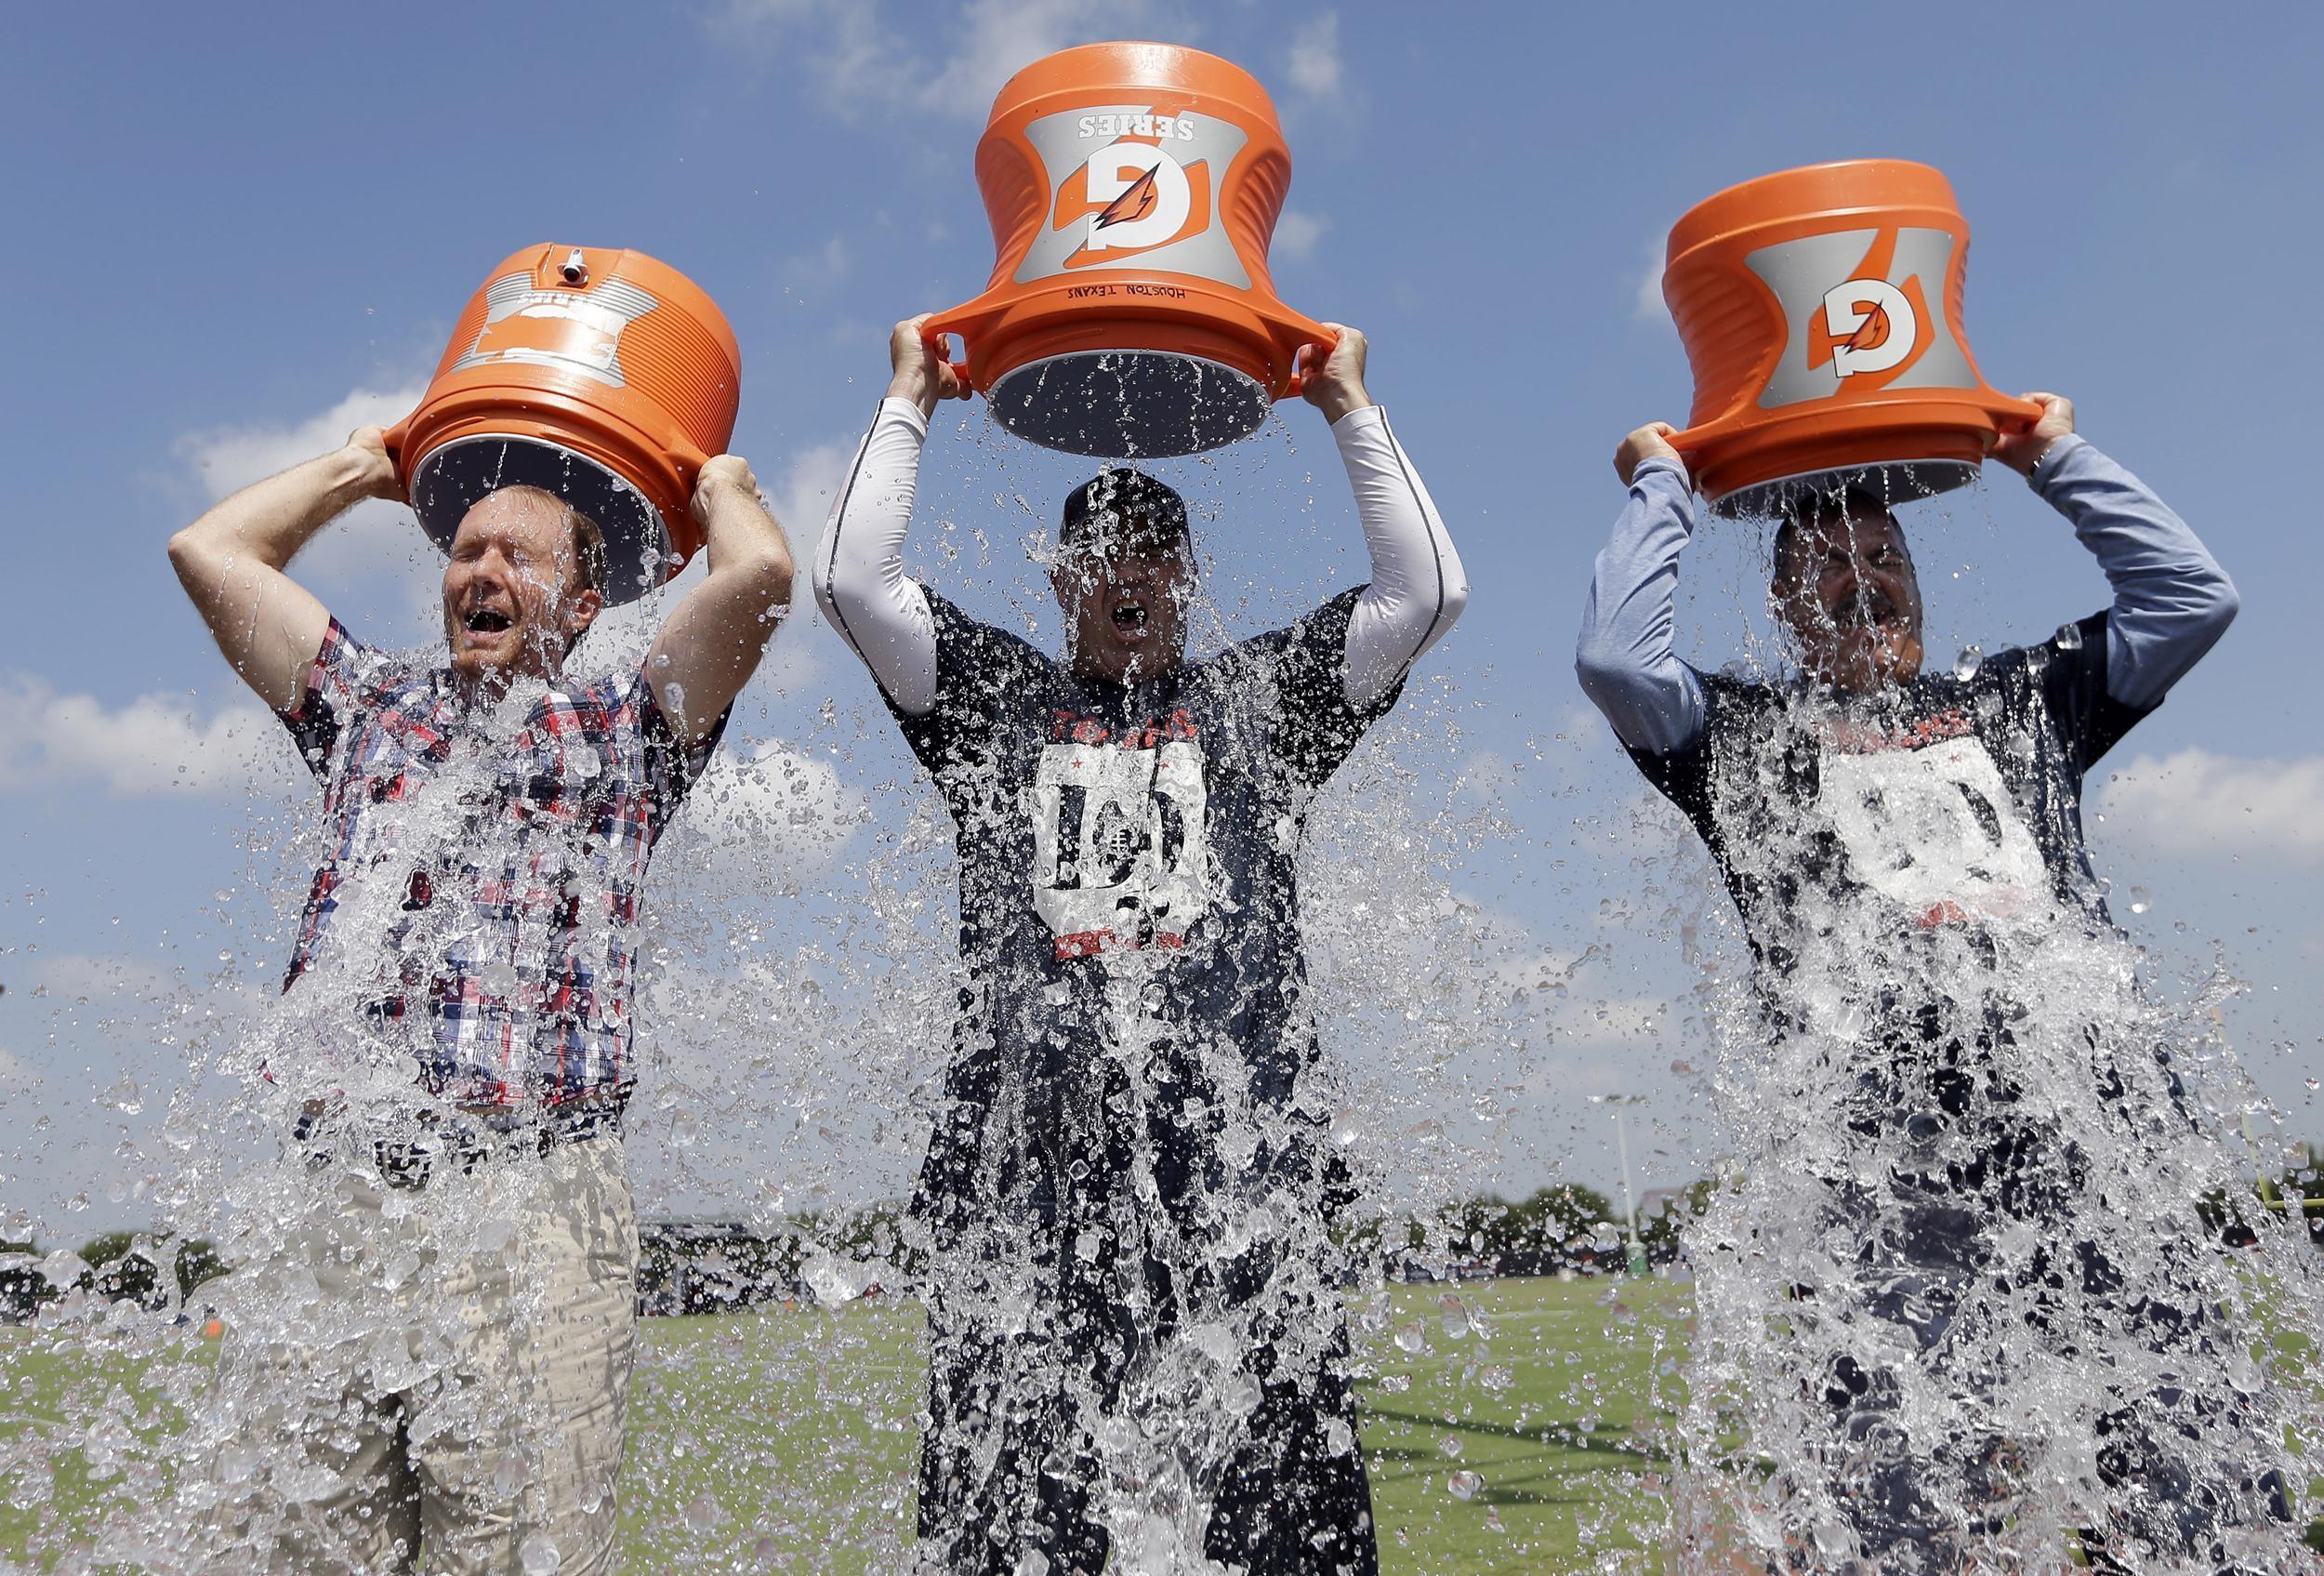 ВСША скончался идейный вдохновитель флэшмоба Ice Bucket Challenge